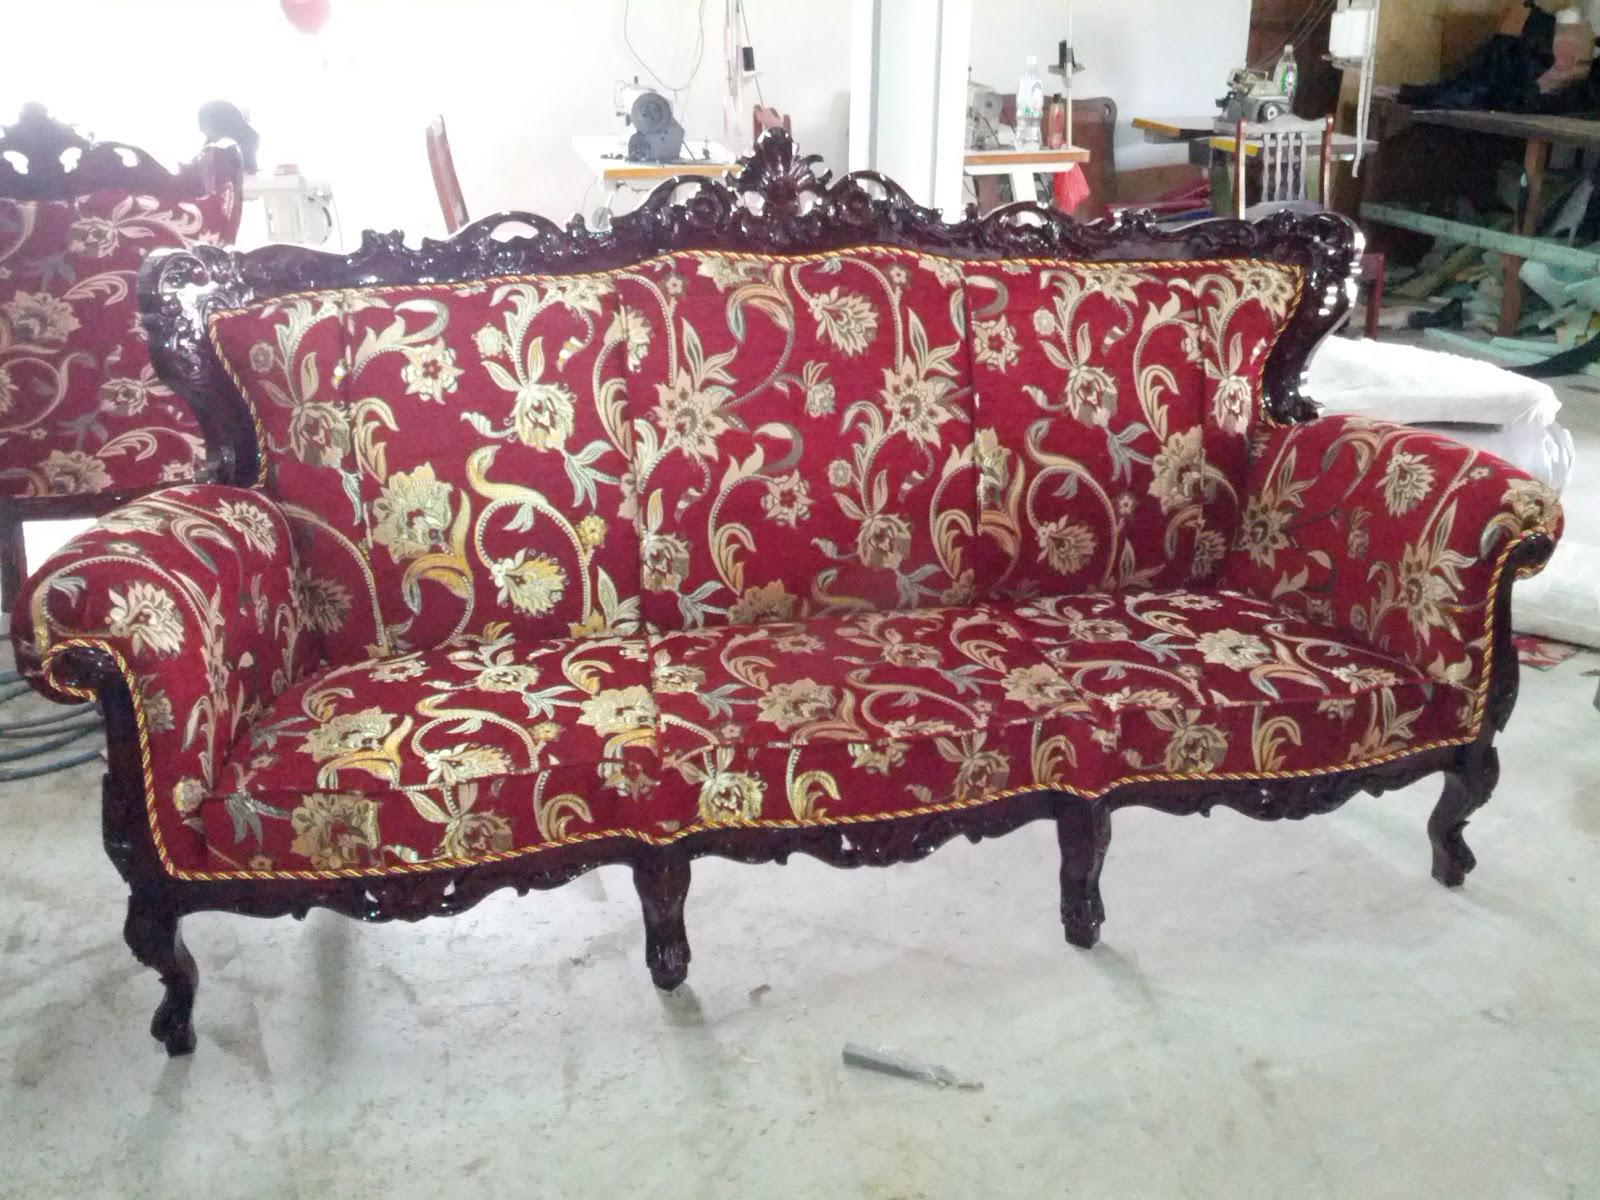 Dicatat Oleh Repair Sofa Kusyen Di 10 24 Pg Tiada Ulasan